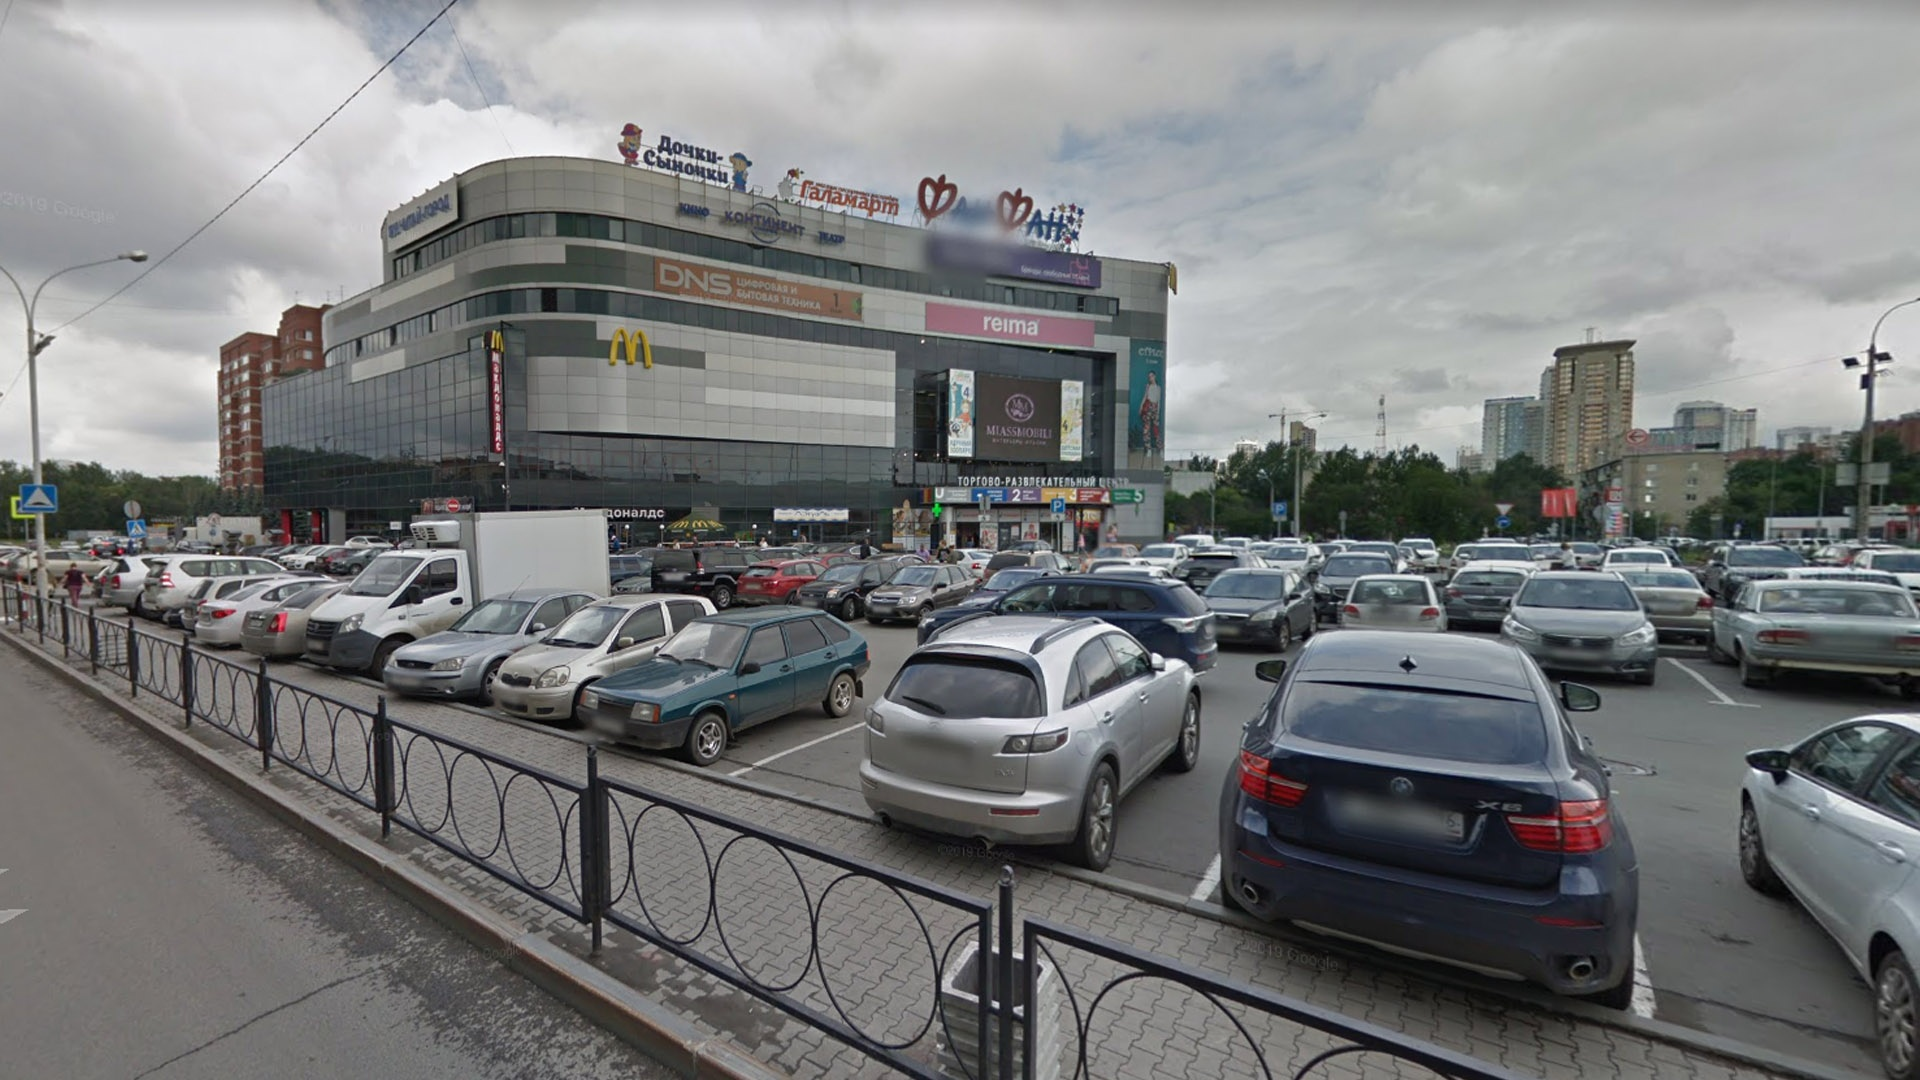 Такие парковки администрация города любит. Несмотря на то что они находятся на территории общего пользования, их содержание — головная боль собственника здания